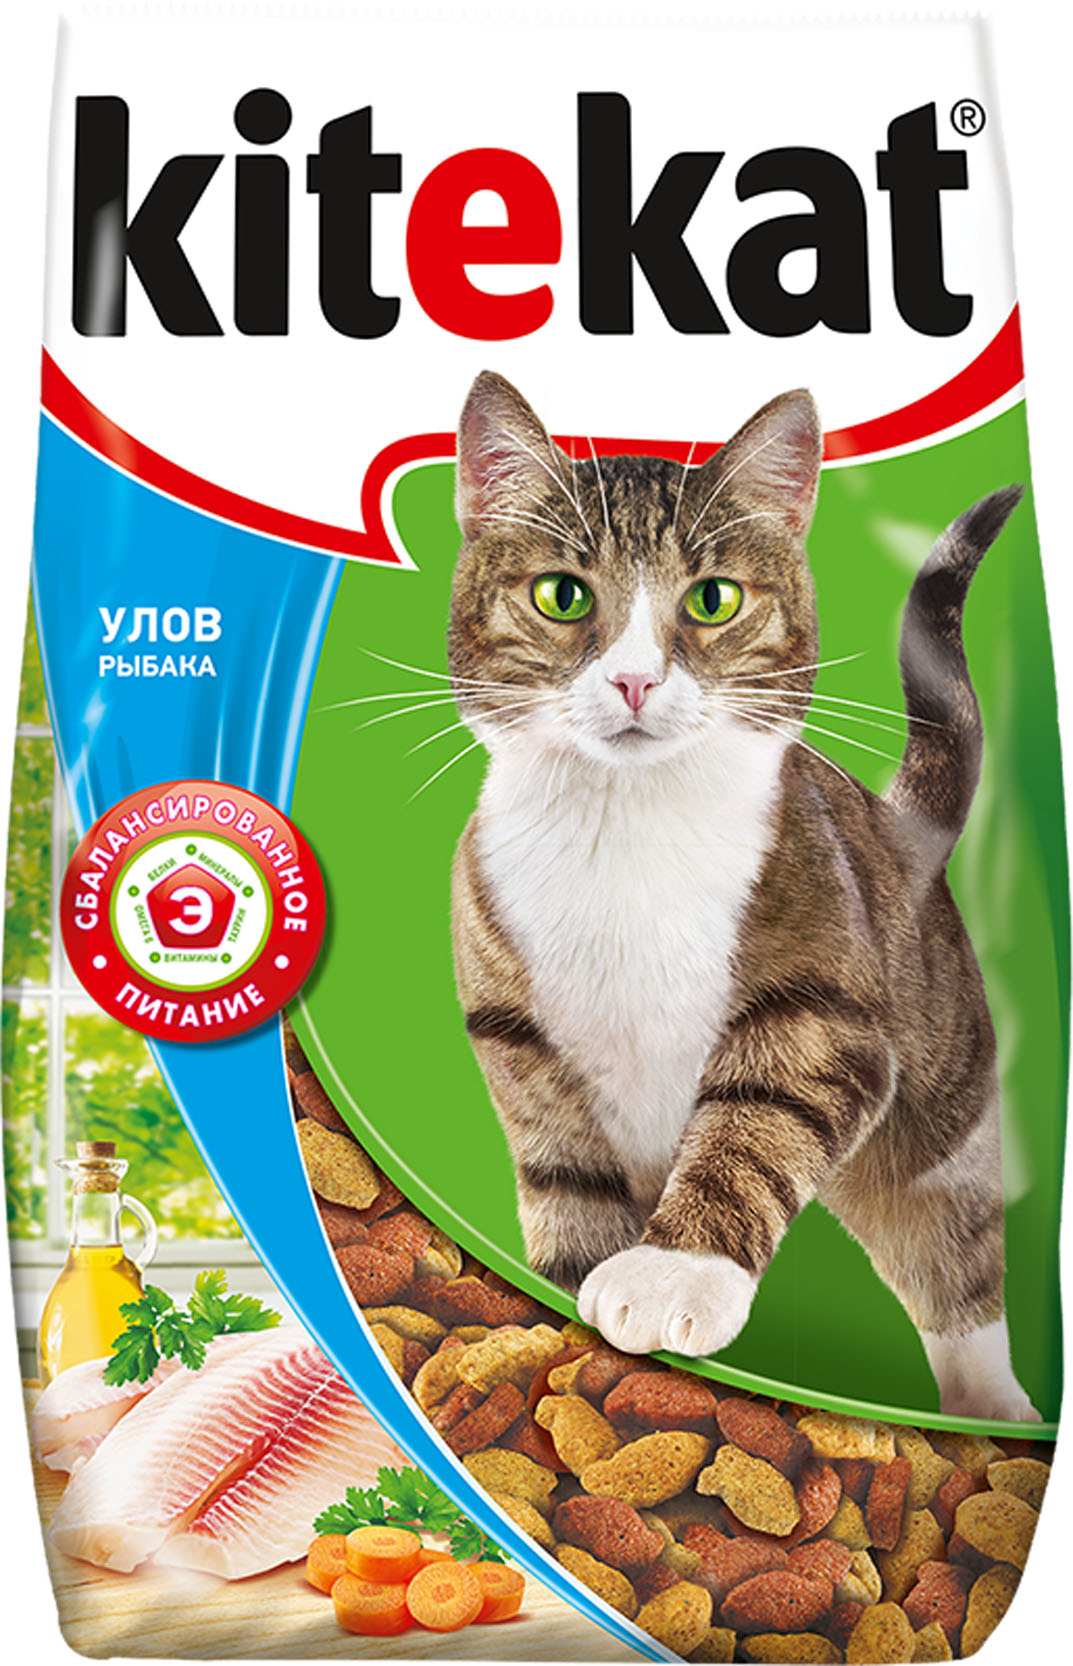 Корм сухой для кошек Kitekat, улов рыбака, 800 г40430Сухой корм Kitekat - это специально разработанная еда для кошек с оптимально сбалансированным содержанием белков, витаминов и микроэлементов. Уникальная формула Kitekat включает в себя все необходимые для здоровья компоненты: - белки - для поддержания мышечного тонуса, силы и энергии; - жирные кислоты - для здоровой кожи и блестящей шерсти; - кальций, фосфор, витамин D - для крепости костей и зубов; - таурин - для остроты зрения и стабильной работы сердца; - витамины и минералы, натуральные волокна - для хорошего пищеварения, правильного обмена веществ, укрепления здоровья. Корм Kitekat идеально подходит для вашего любимца как надежный источник жизненных сил. Товар сертифицирован.